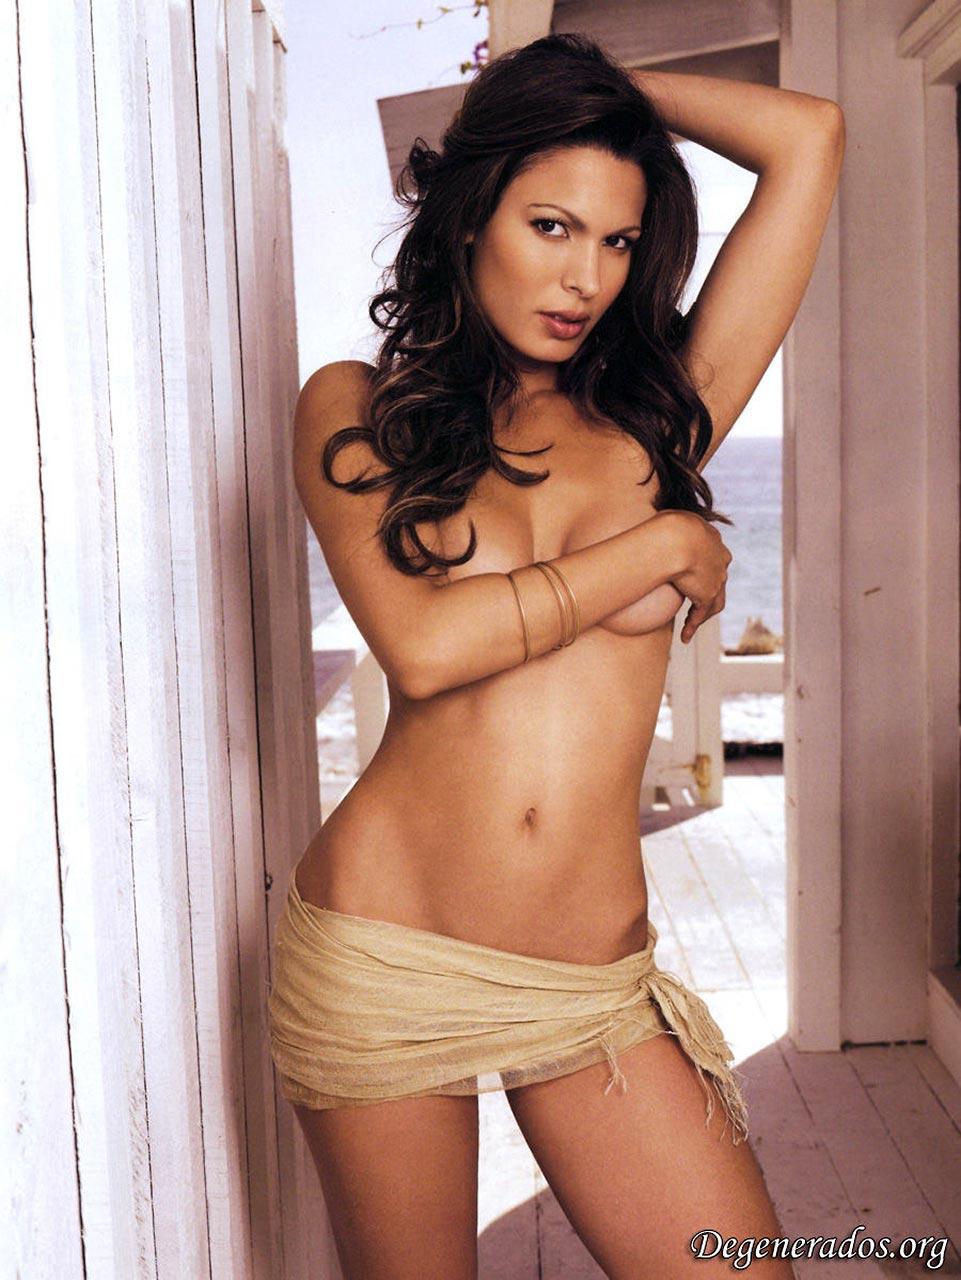 Nadine velazquez hot